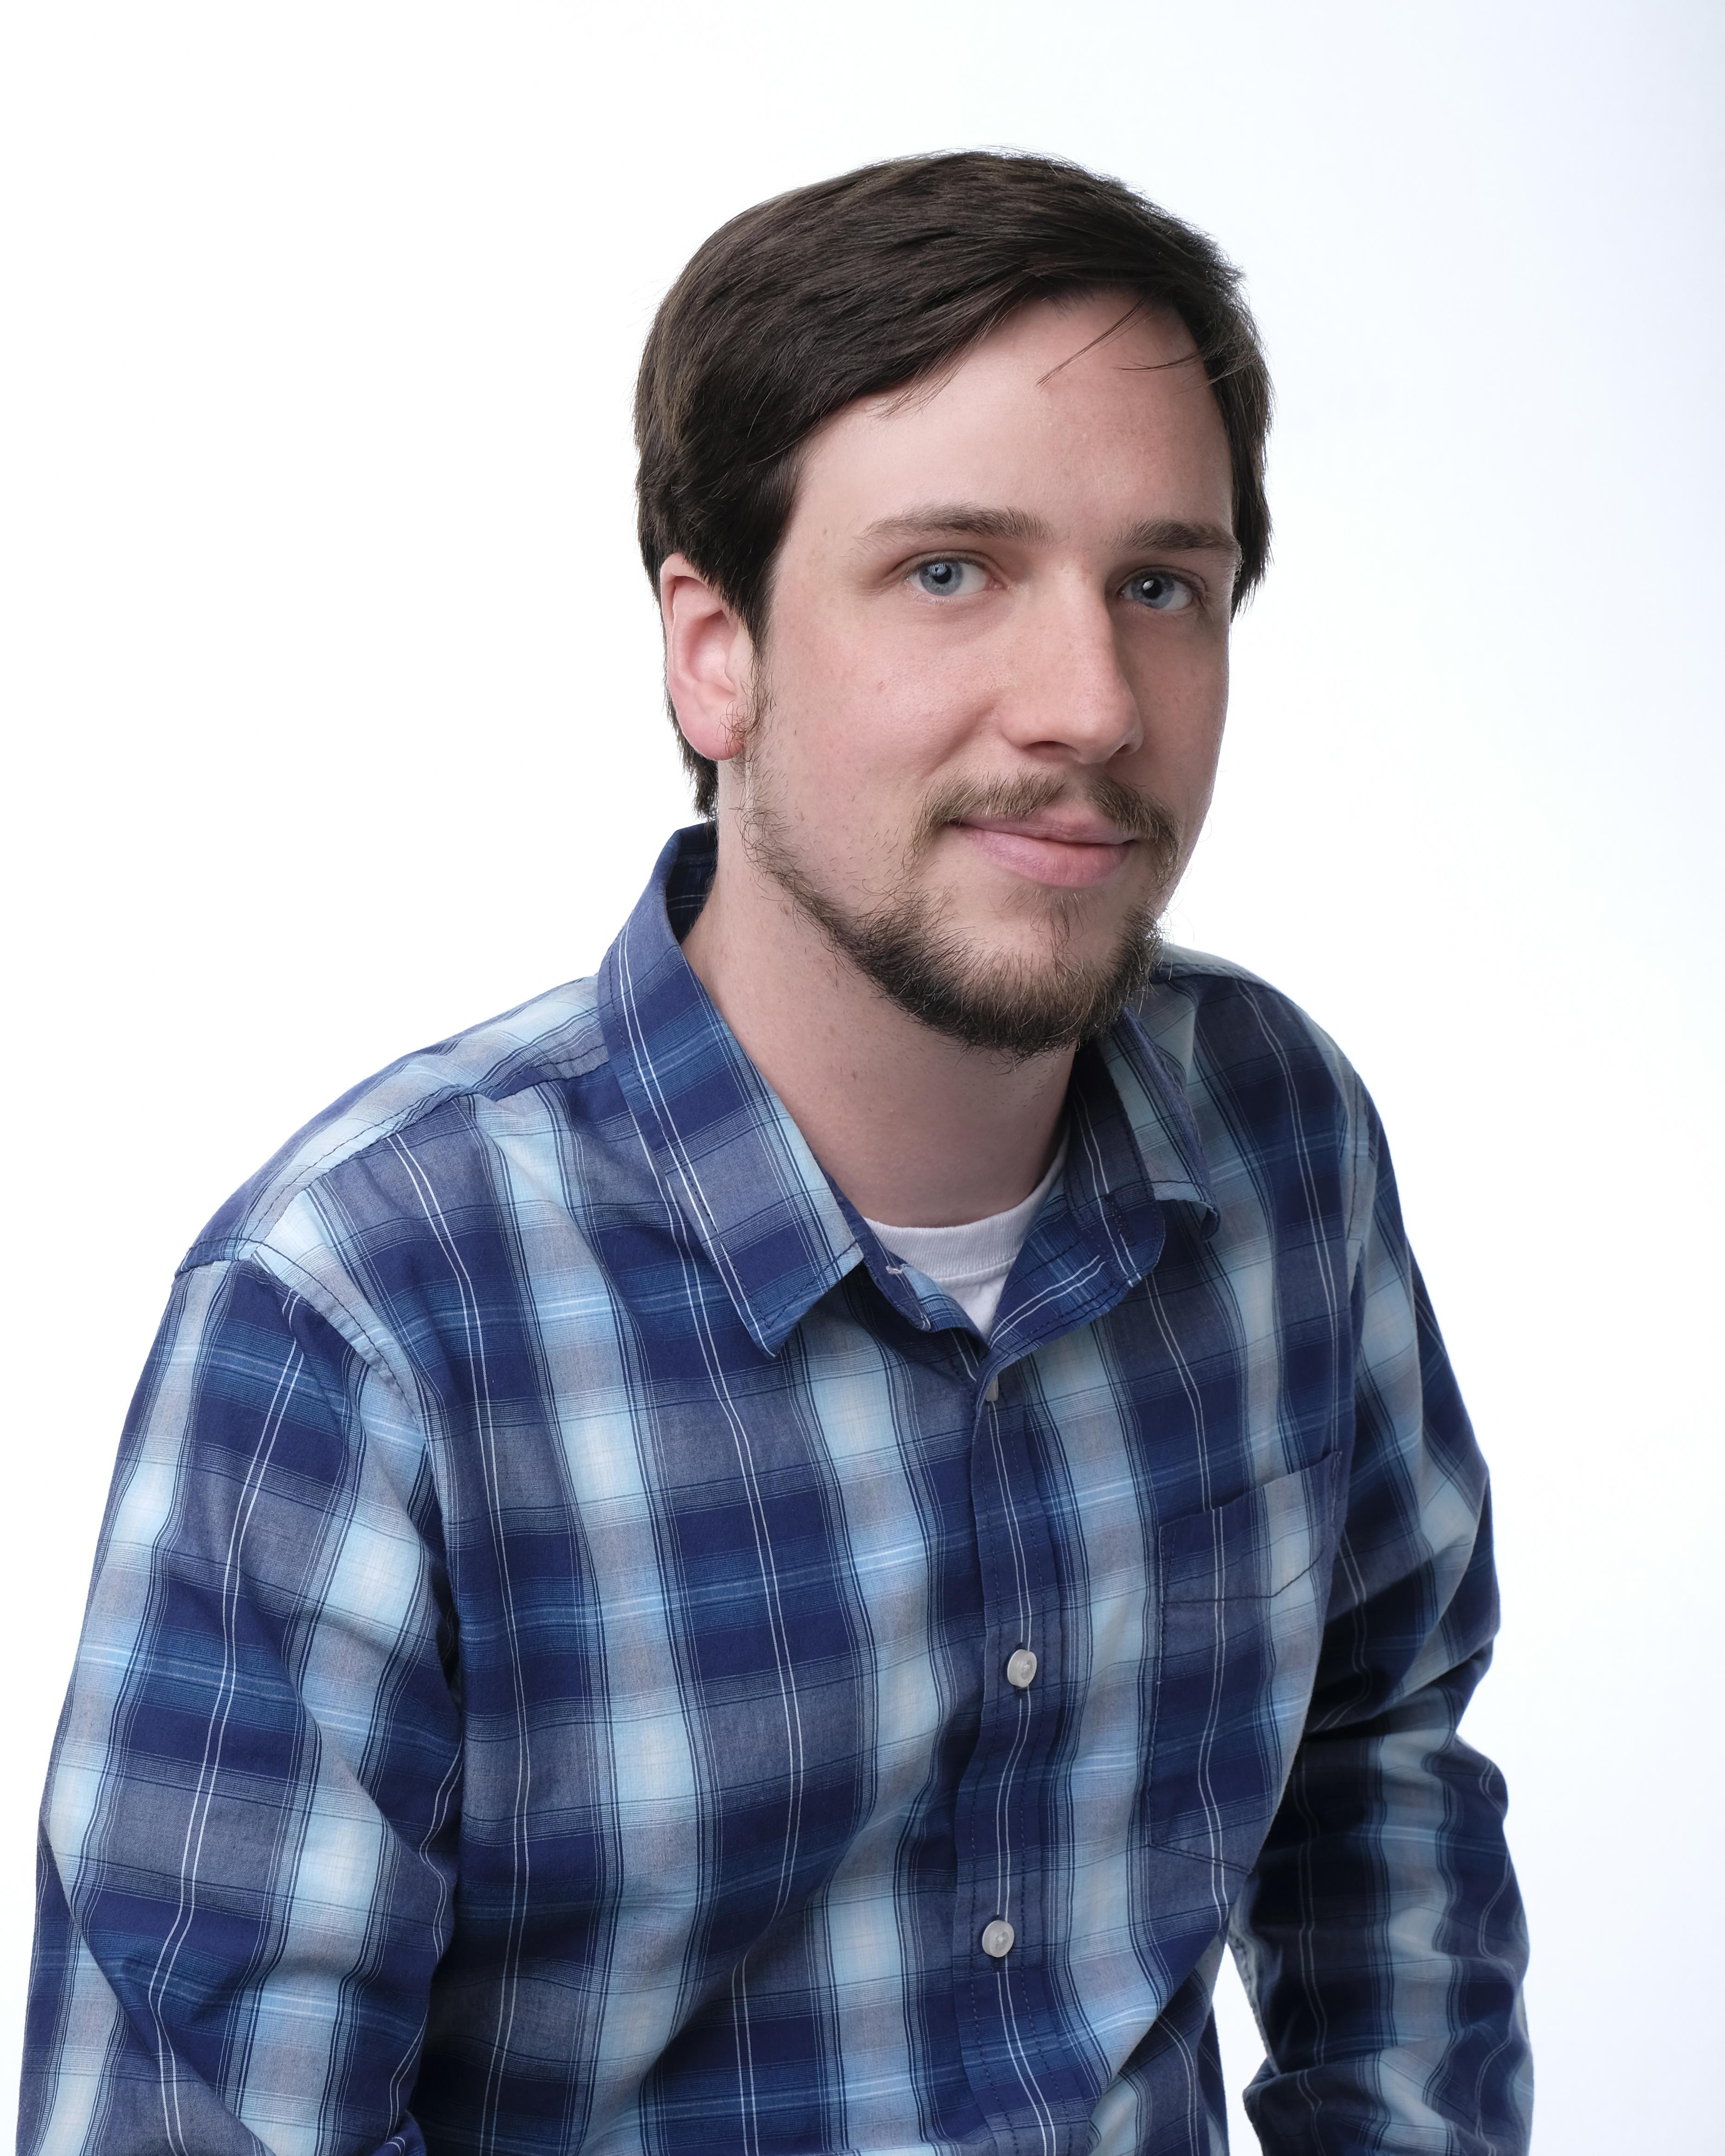 Evan Bearden